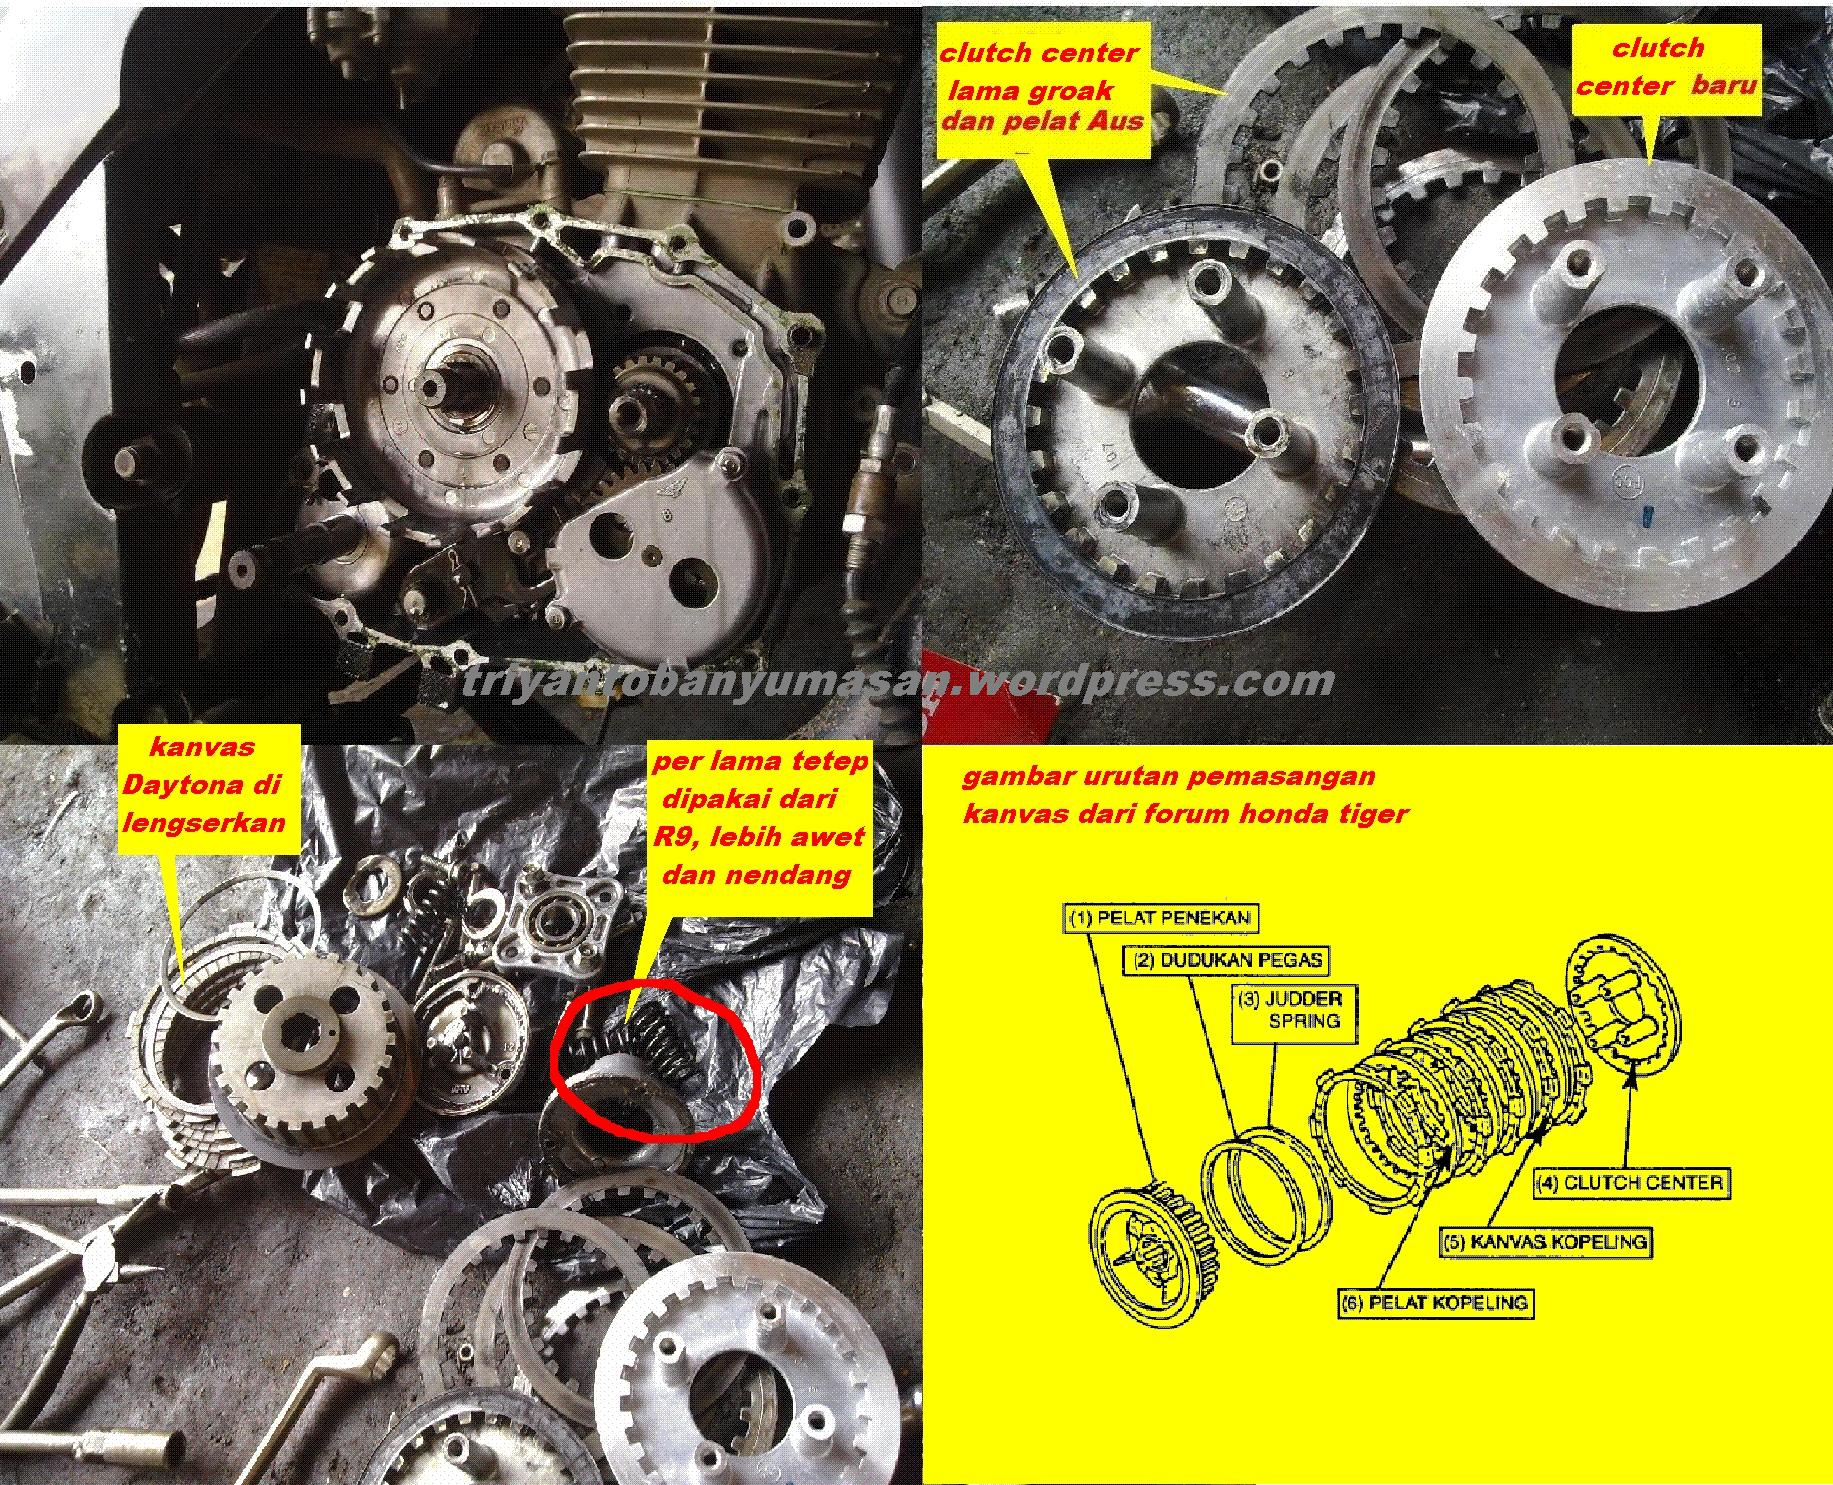 Perbedaan Jeroan Honda Tiger Revo Dan Lama Triyanto Plat Kopling Besi Gl Grand Cb Mega Pro Original Silahkan Cermati Seksama